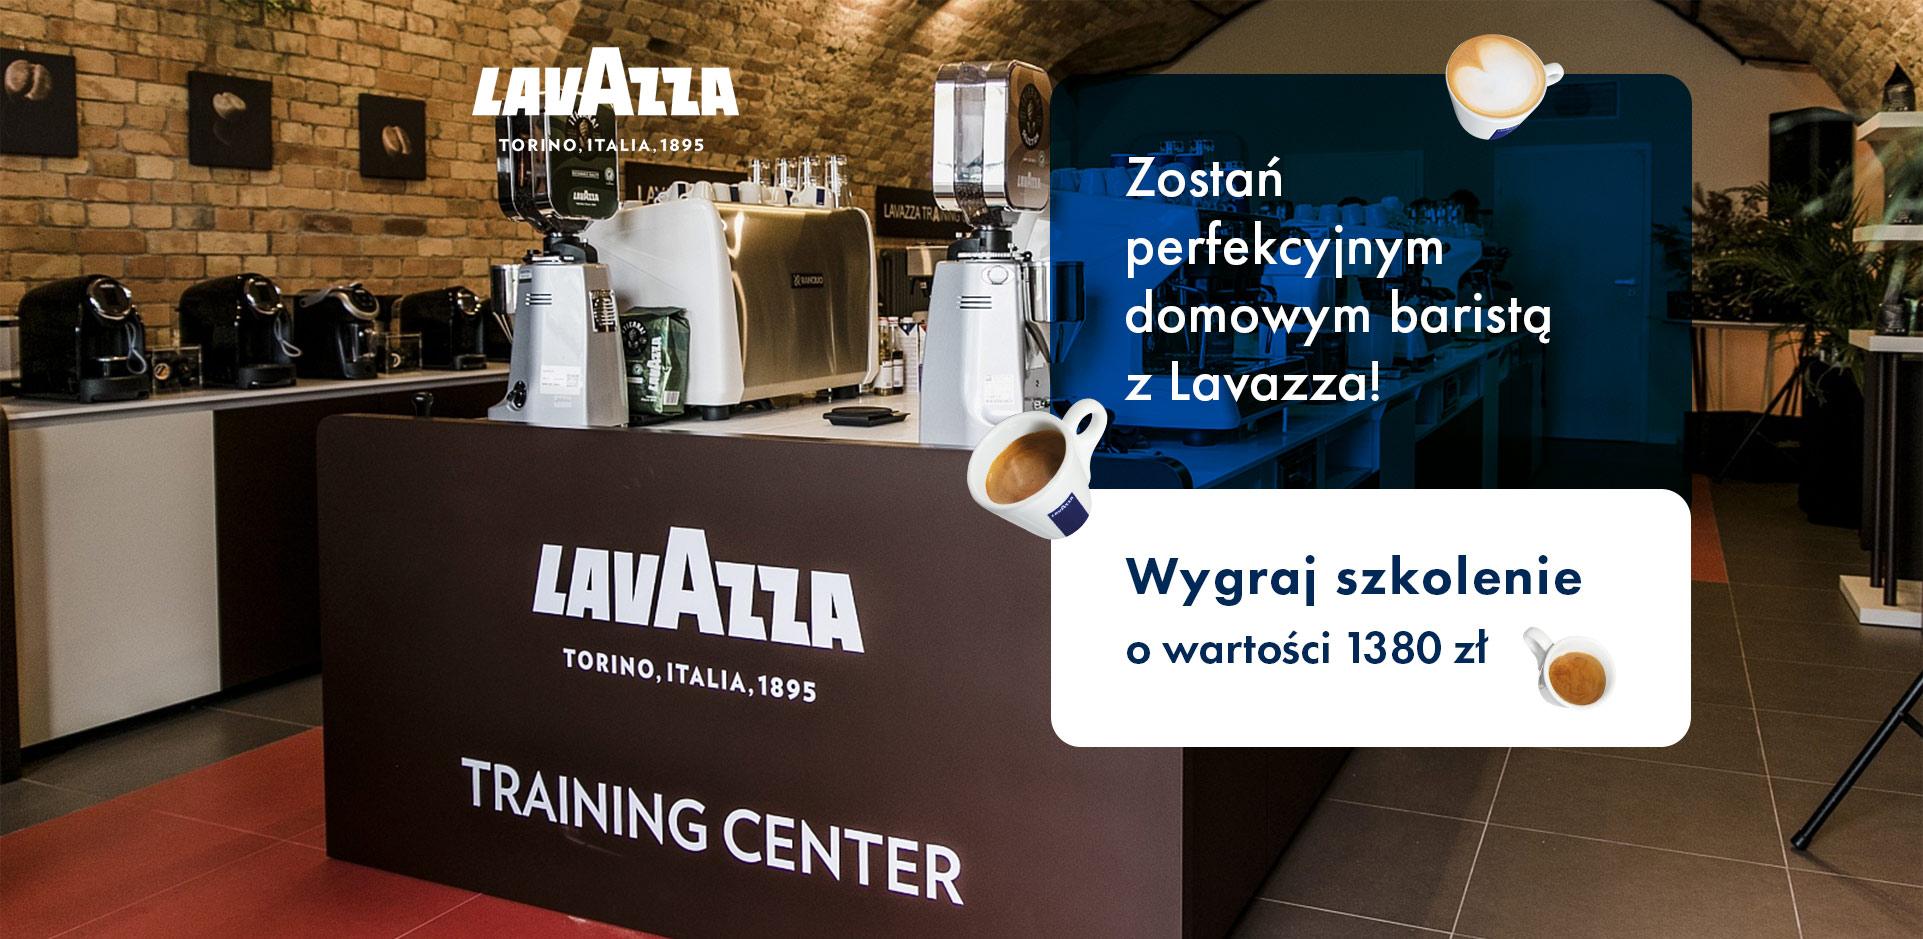 Zostań perfekcyjnym domowym baristą z Lavazza